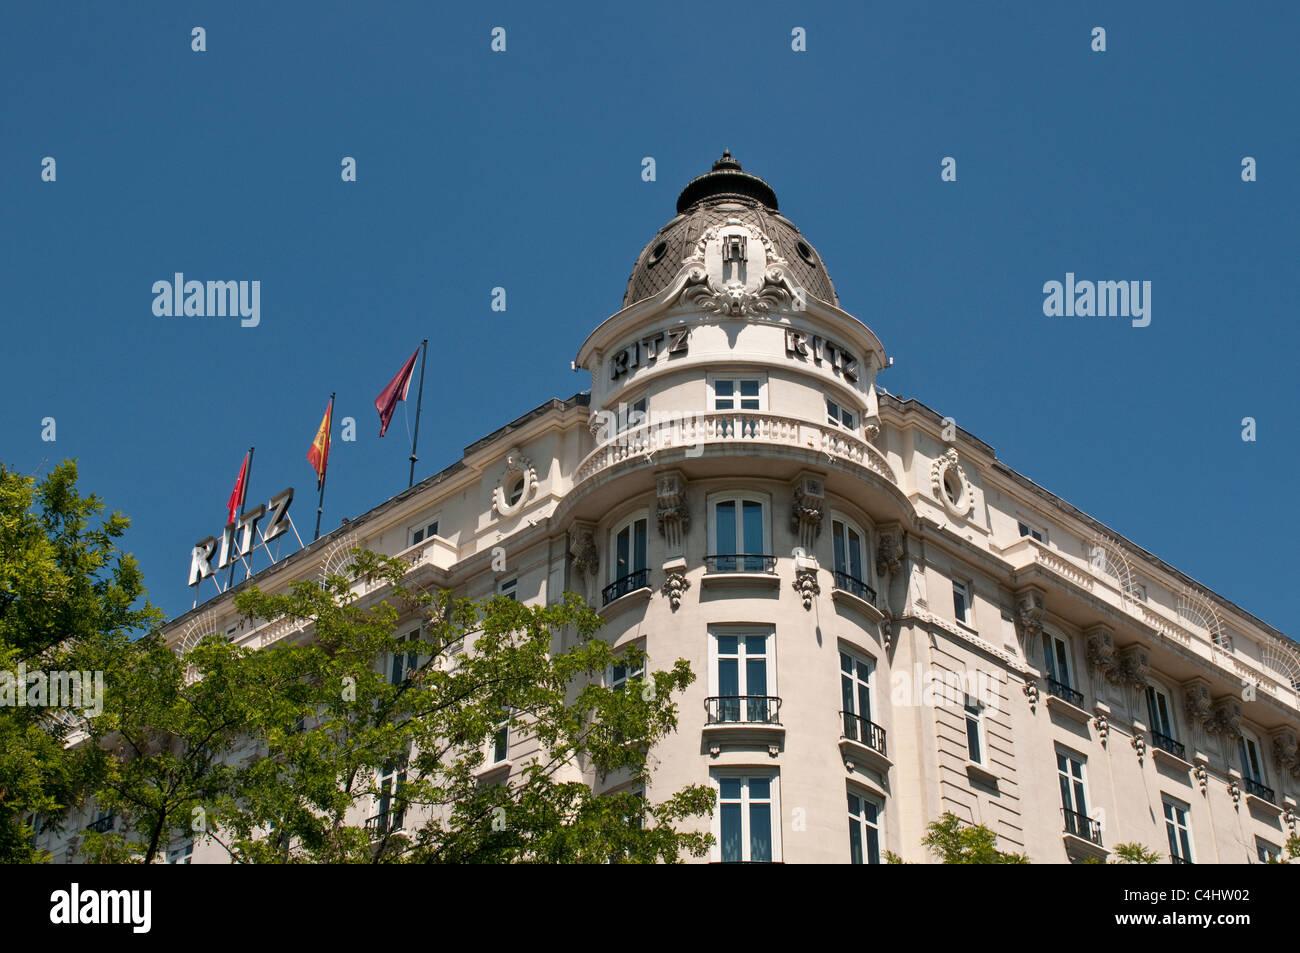 Ritz hotel, Paseo del Prado, Madrid, Spain - Stock Image